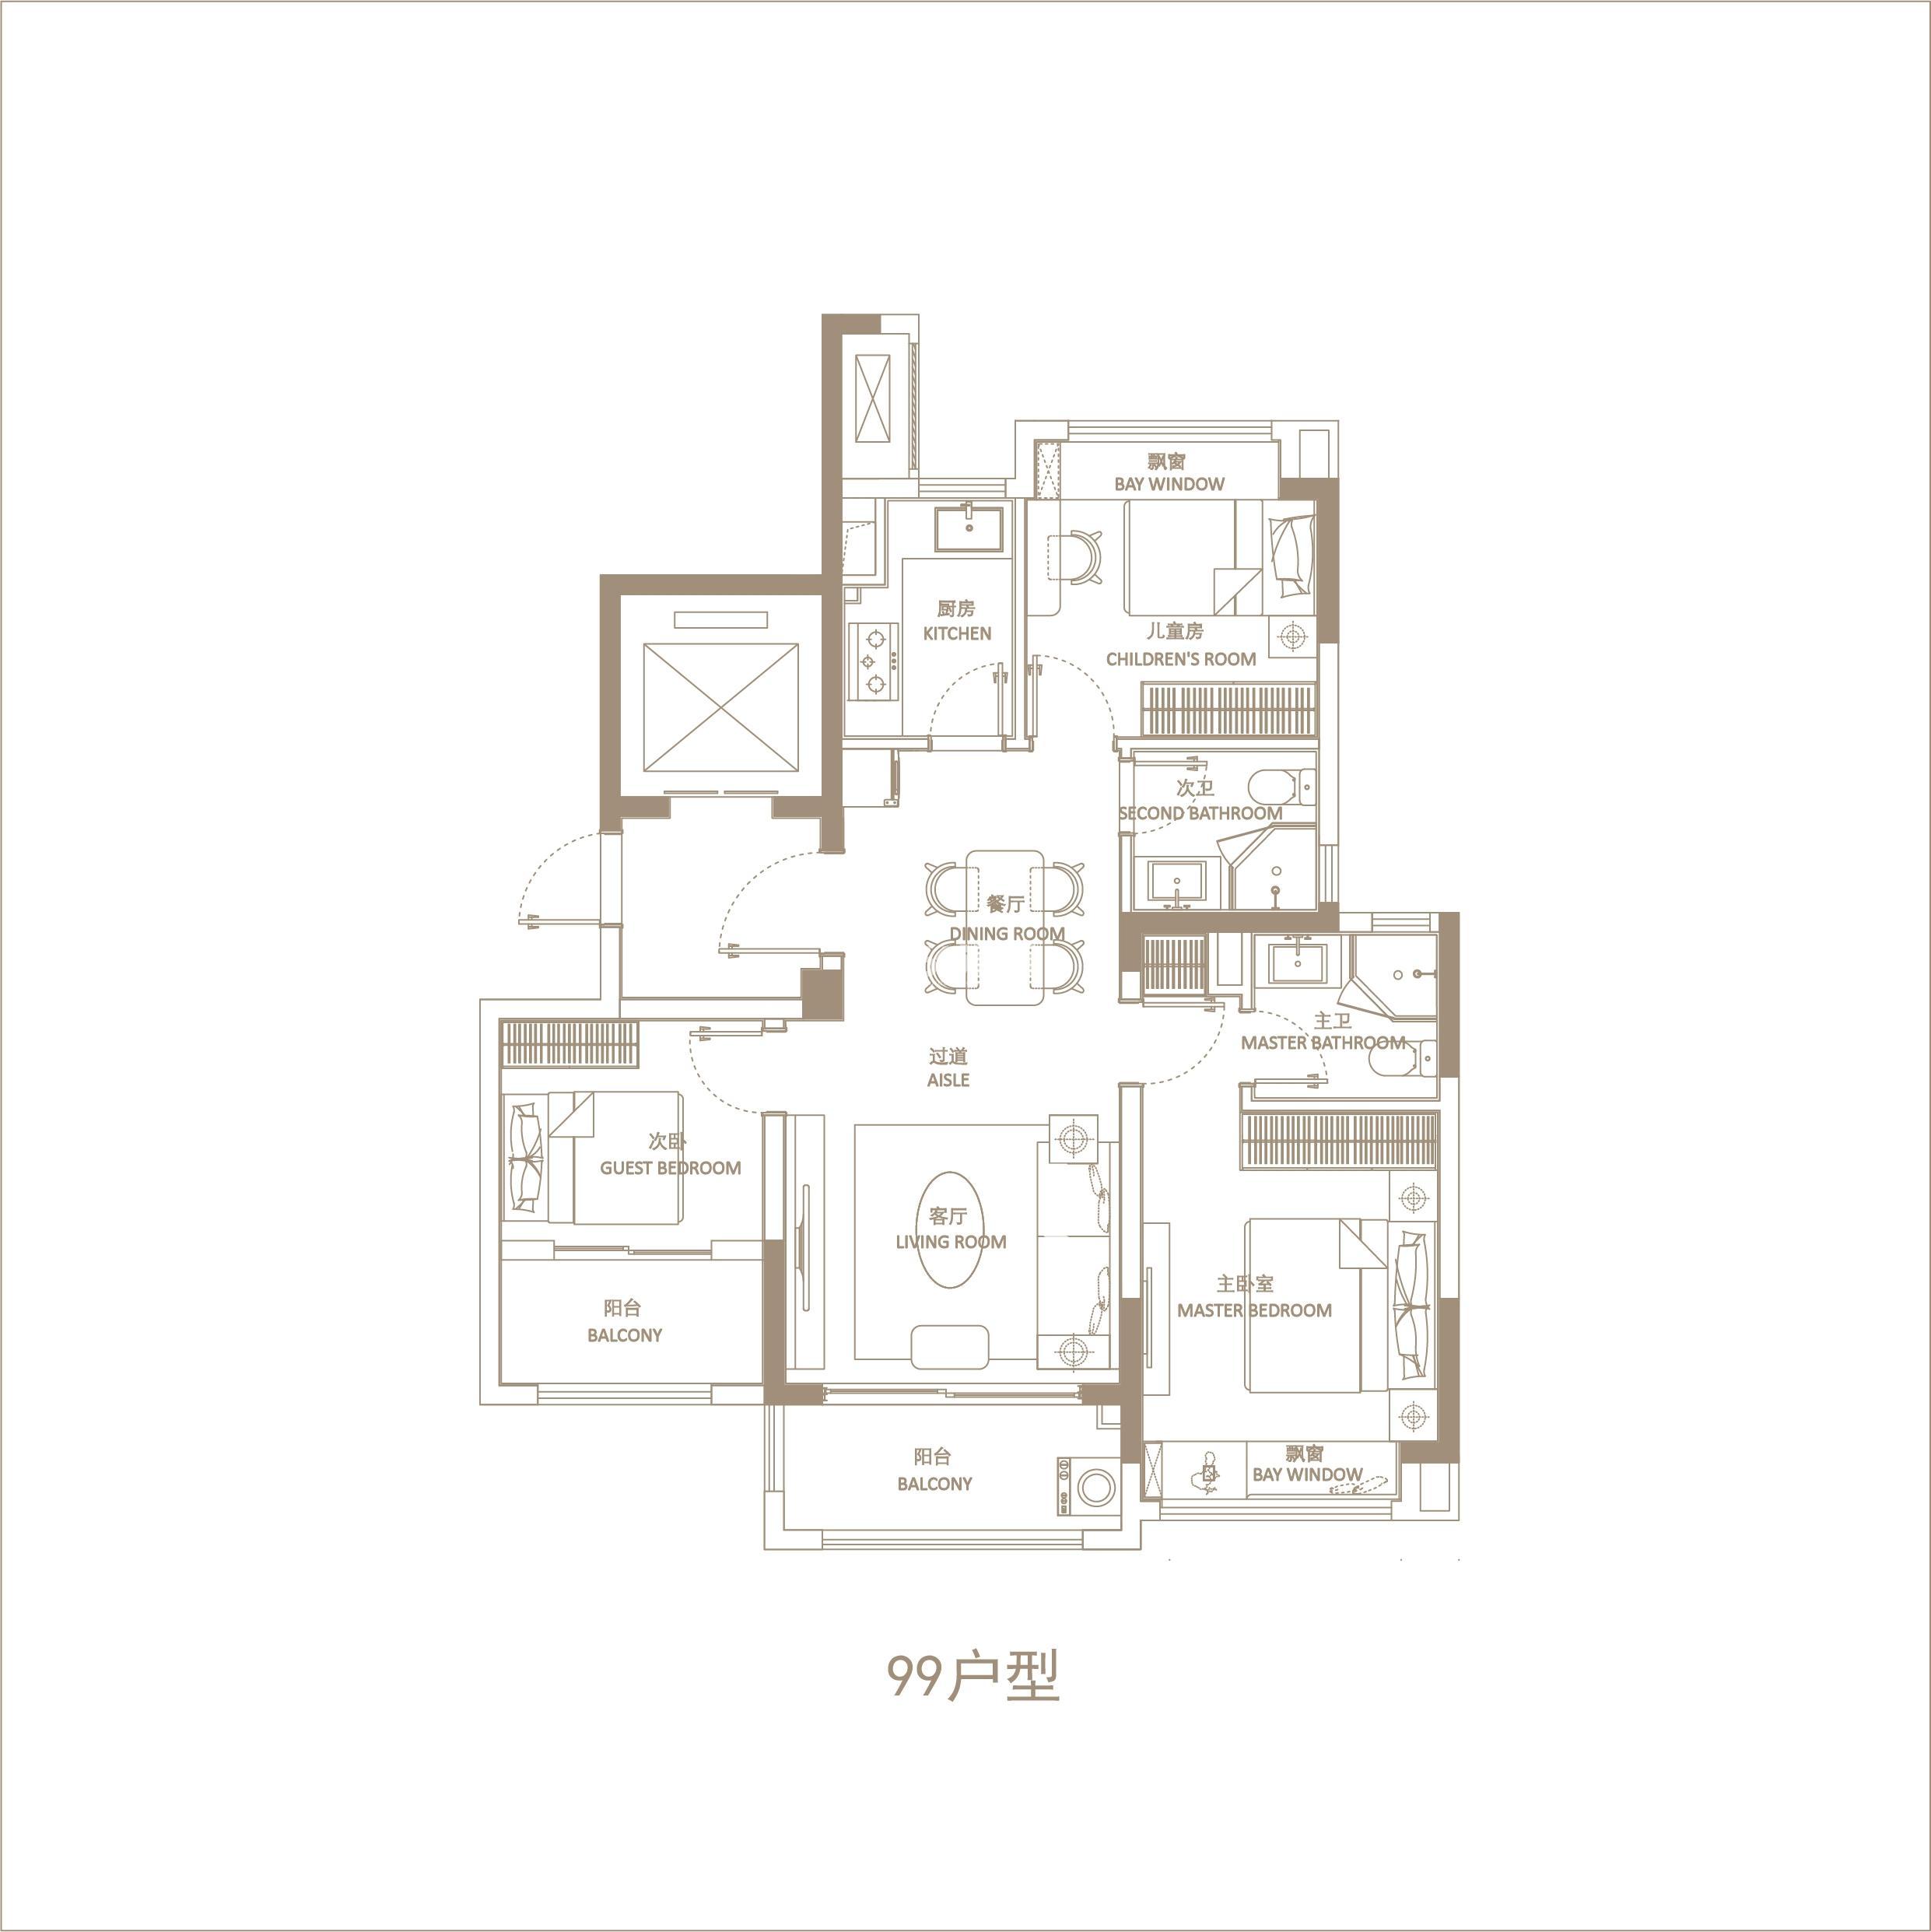 悦辰府99㎡三室两厅两卫户型